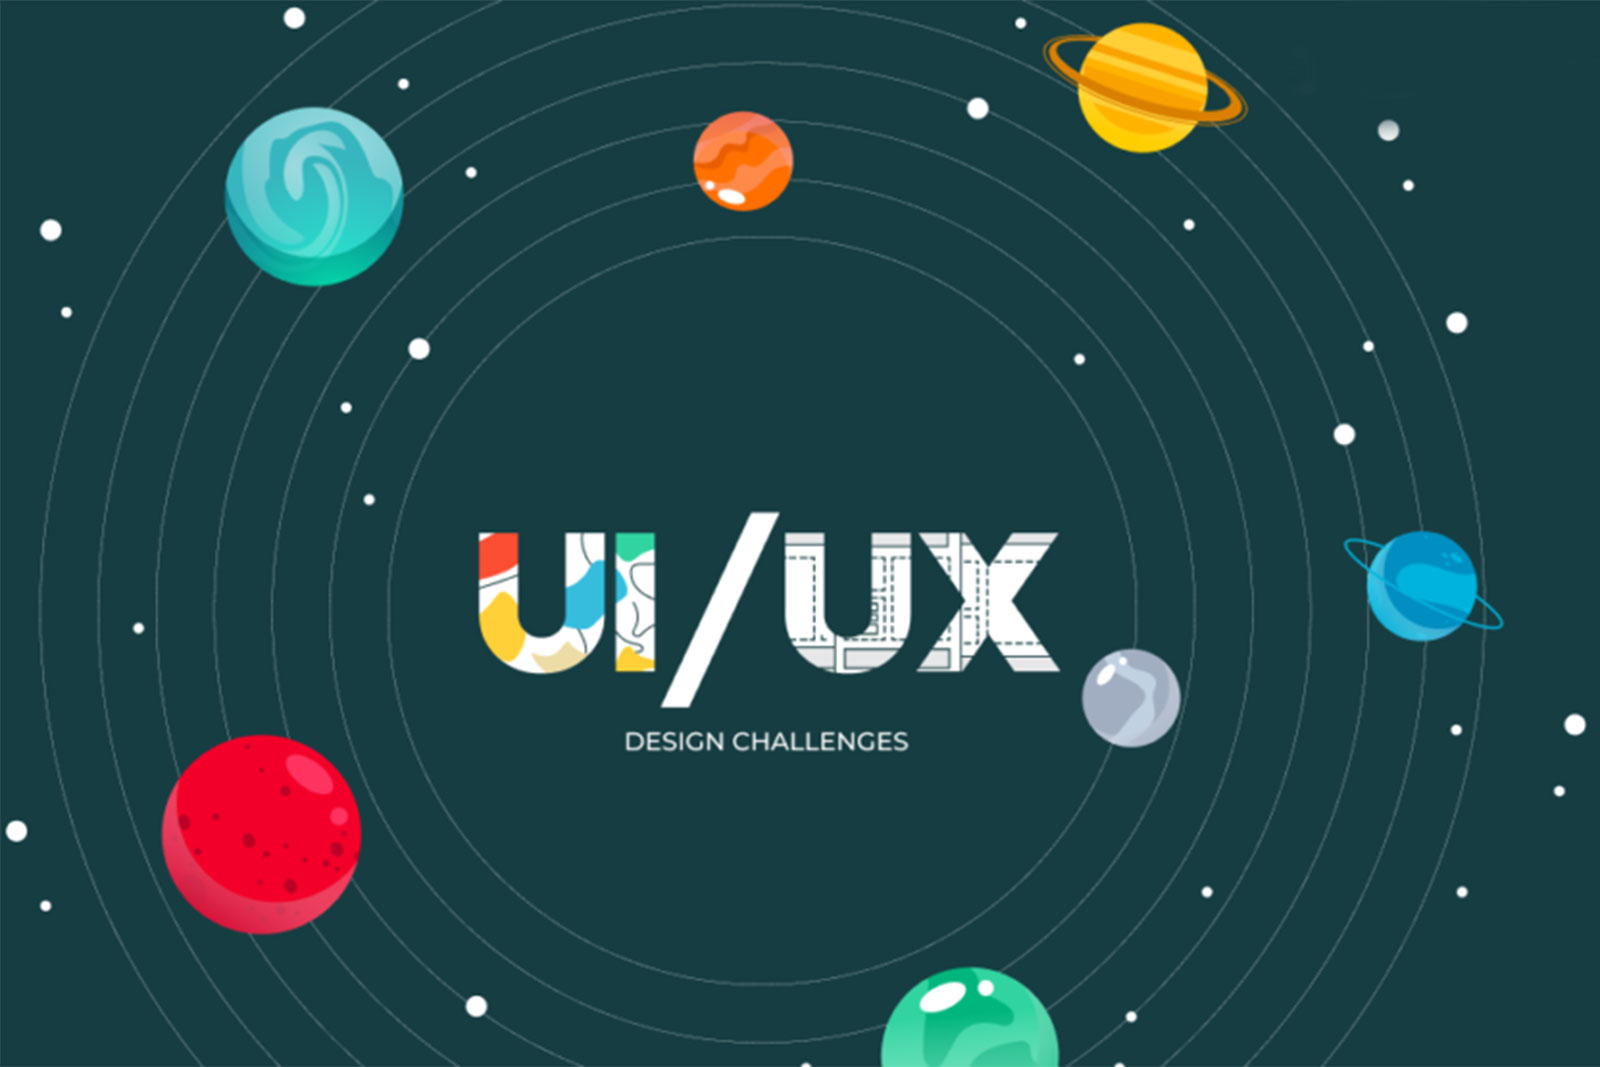 UI/UX là gì? Tìm hiểu về thiết kế UI/UX trong thiết kế web